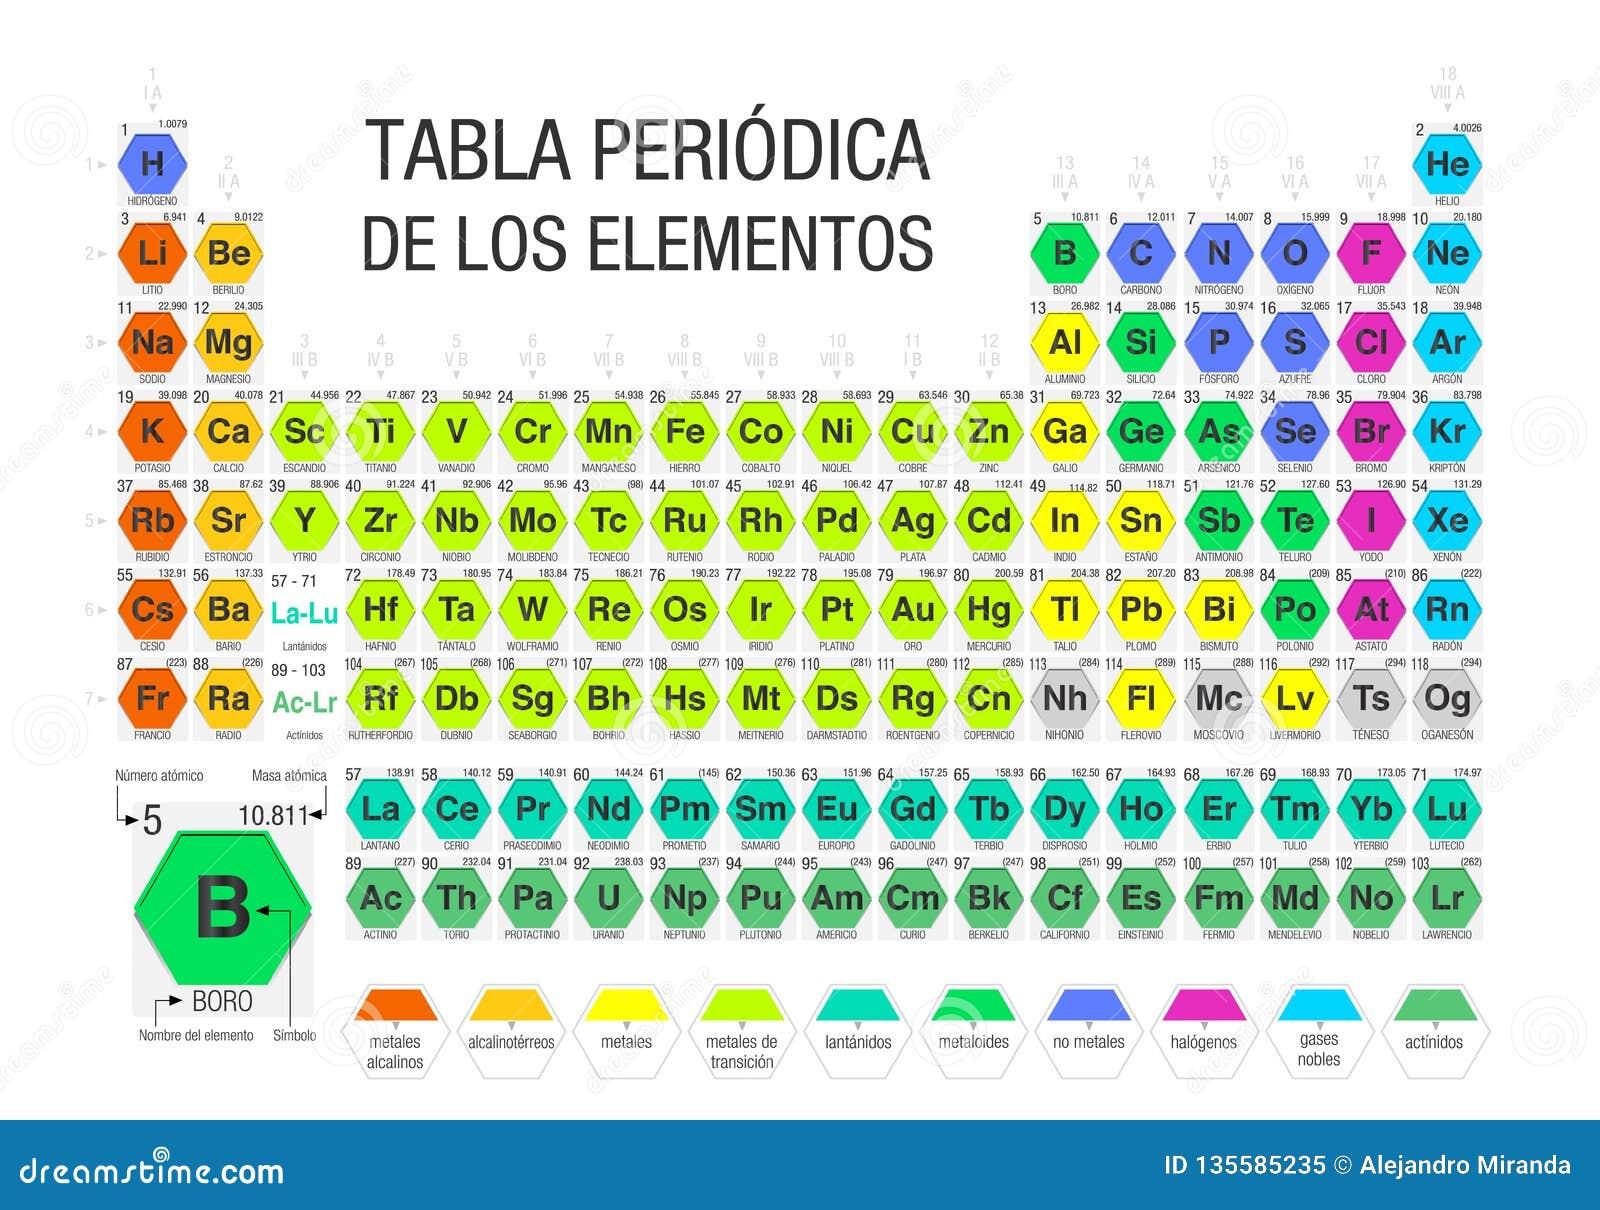 TABLA PERIODICA DE LOS ELEMENTOS - Tabella periodica degli elementi nella lingua spagnola costituita dai moduli sotto forma di es